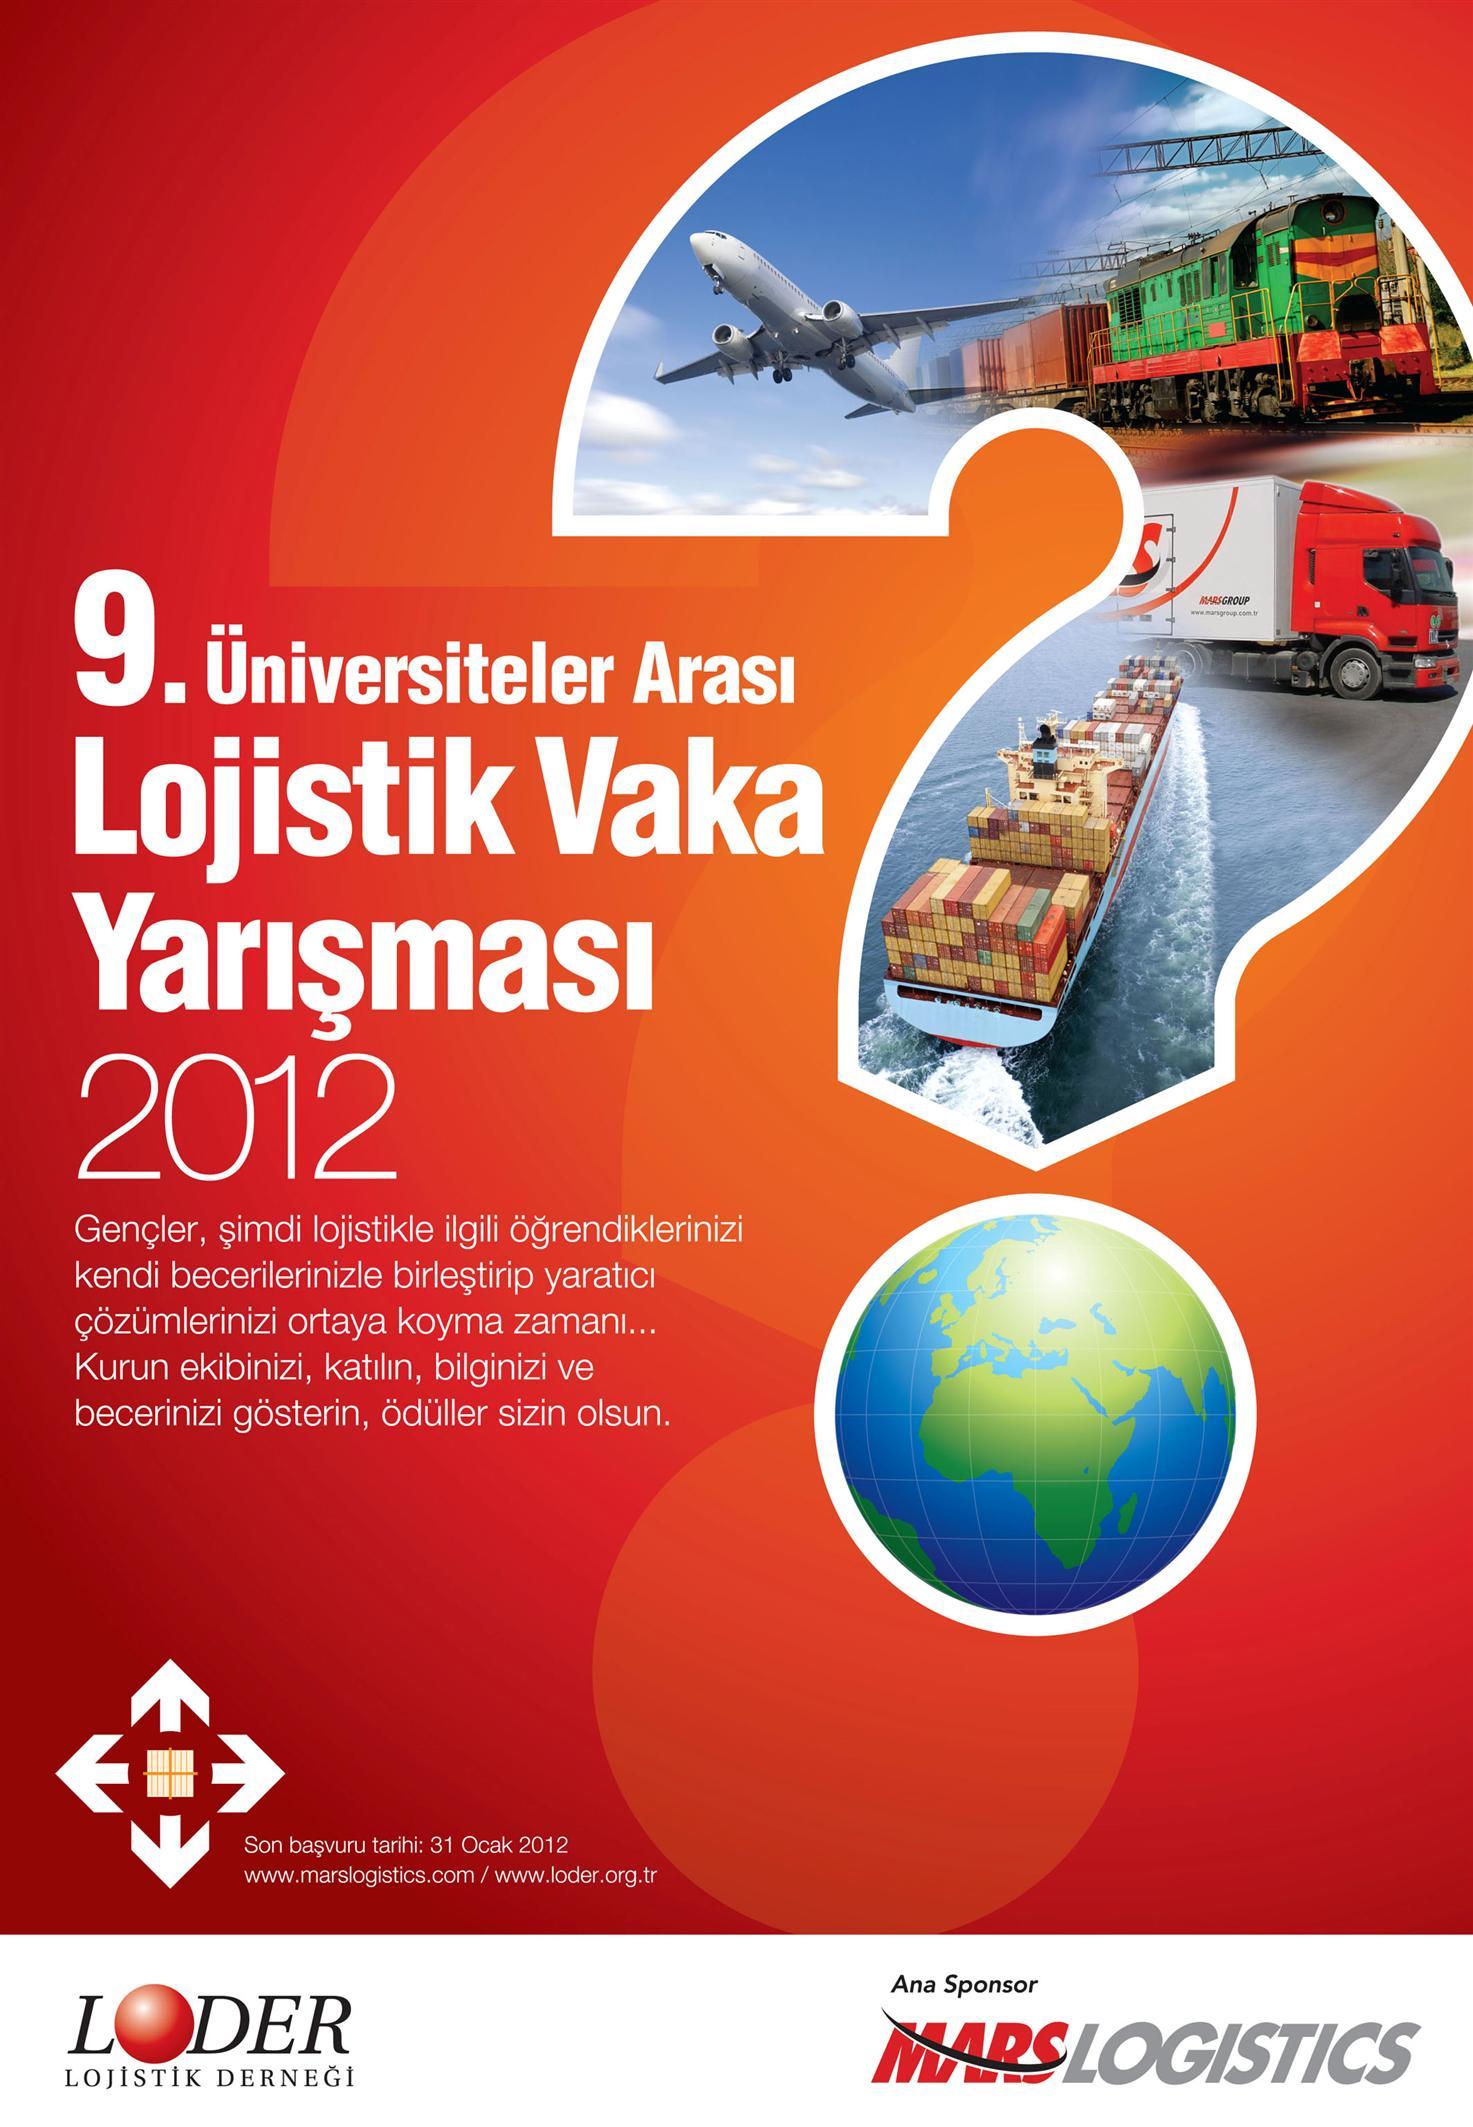 9. Üniversiteler Arası Lojistik Vaka Yarışması Başlıyor